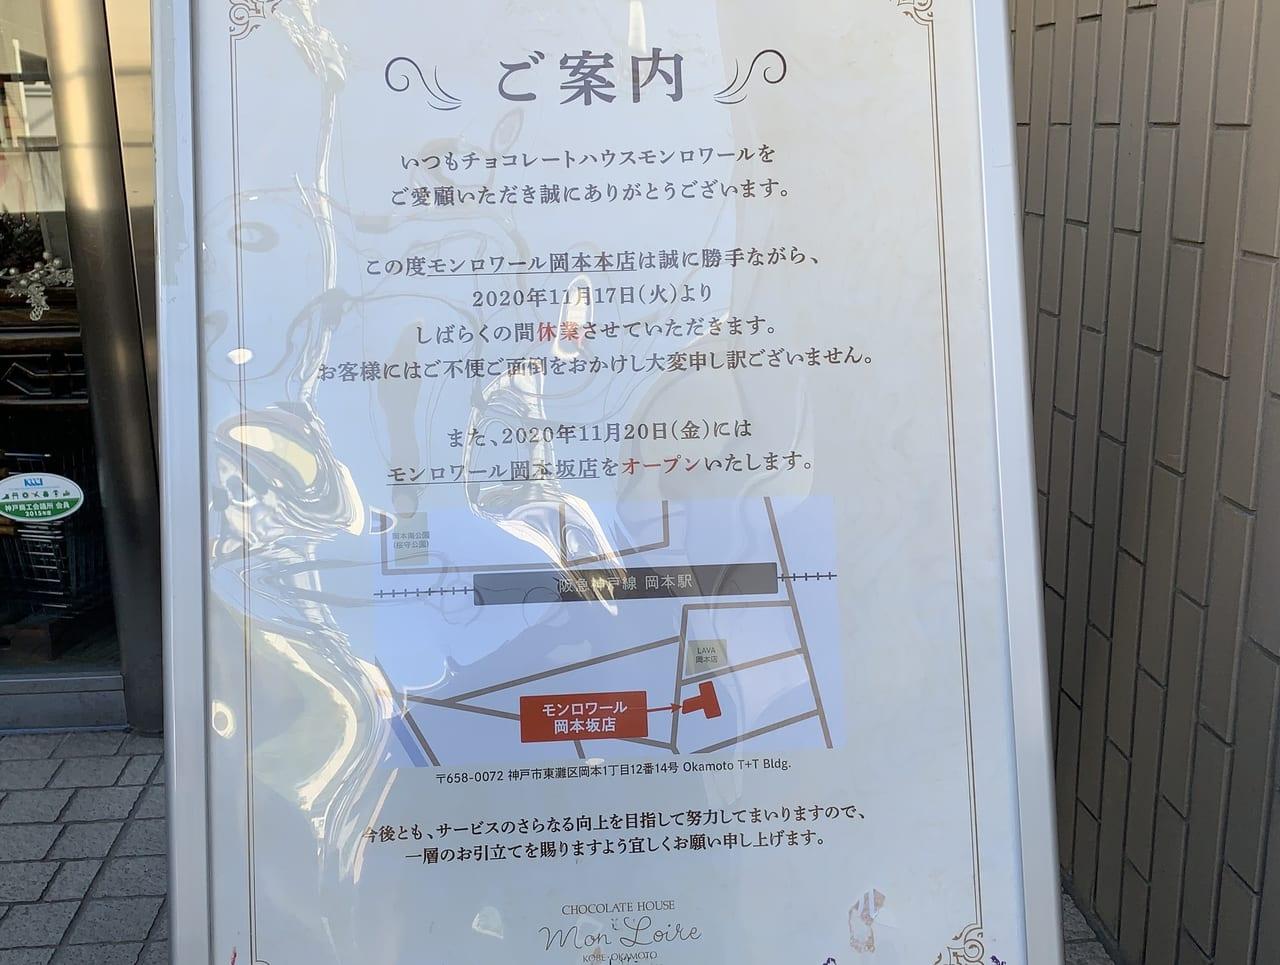 モンロワール岡本